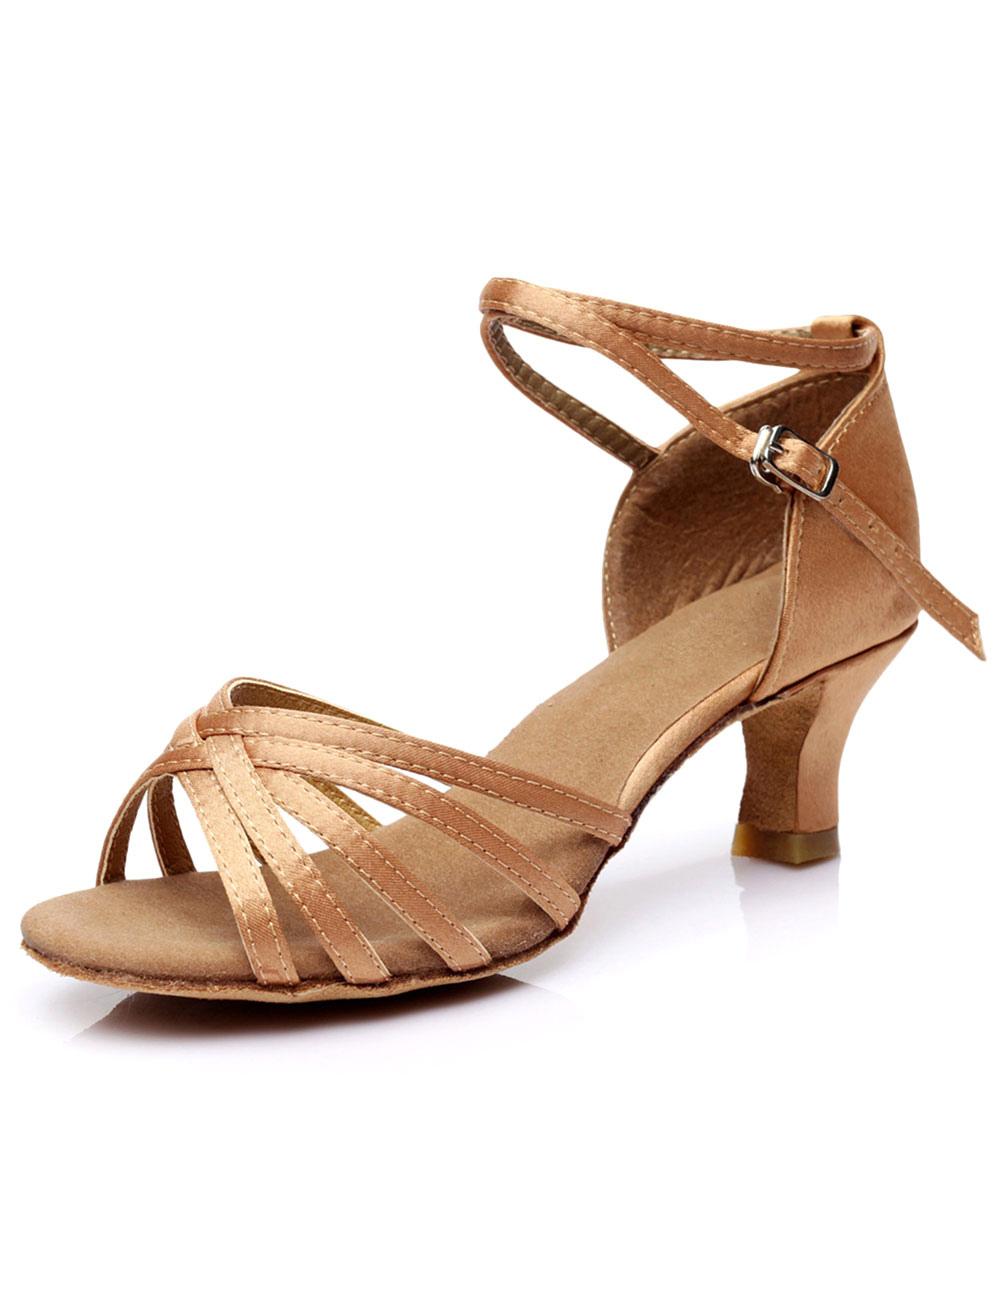 Zapatos baile latino Satin Criss Cross Zapatos de salón para mujeres fnkWGp